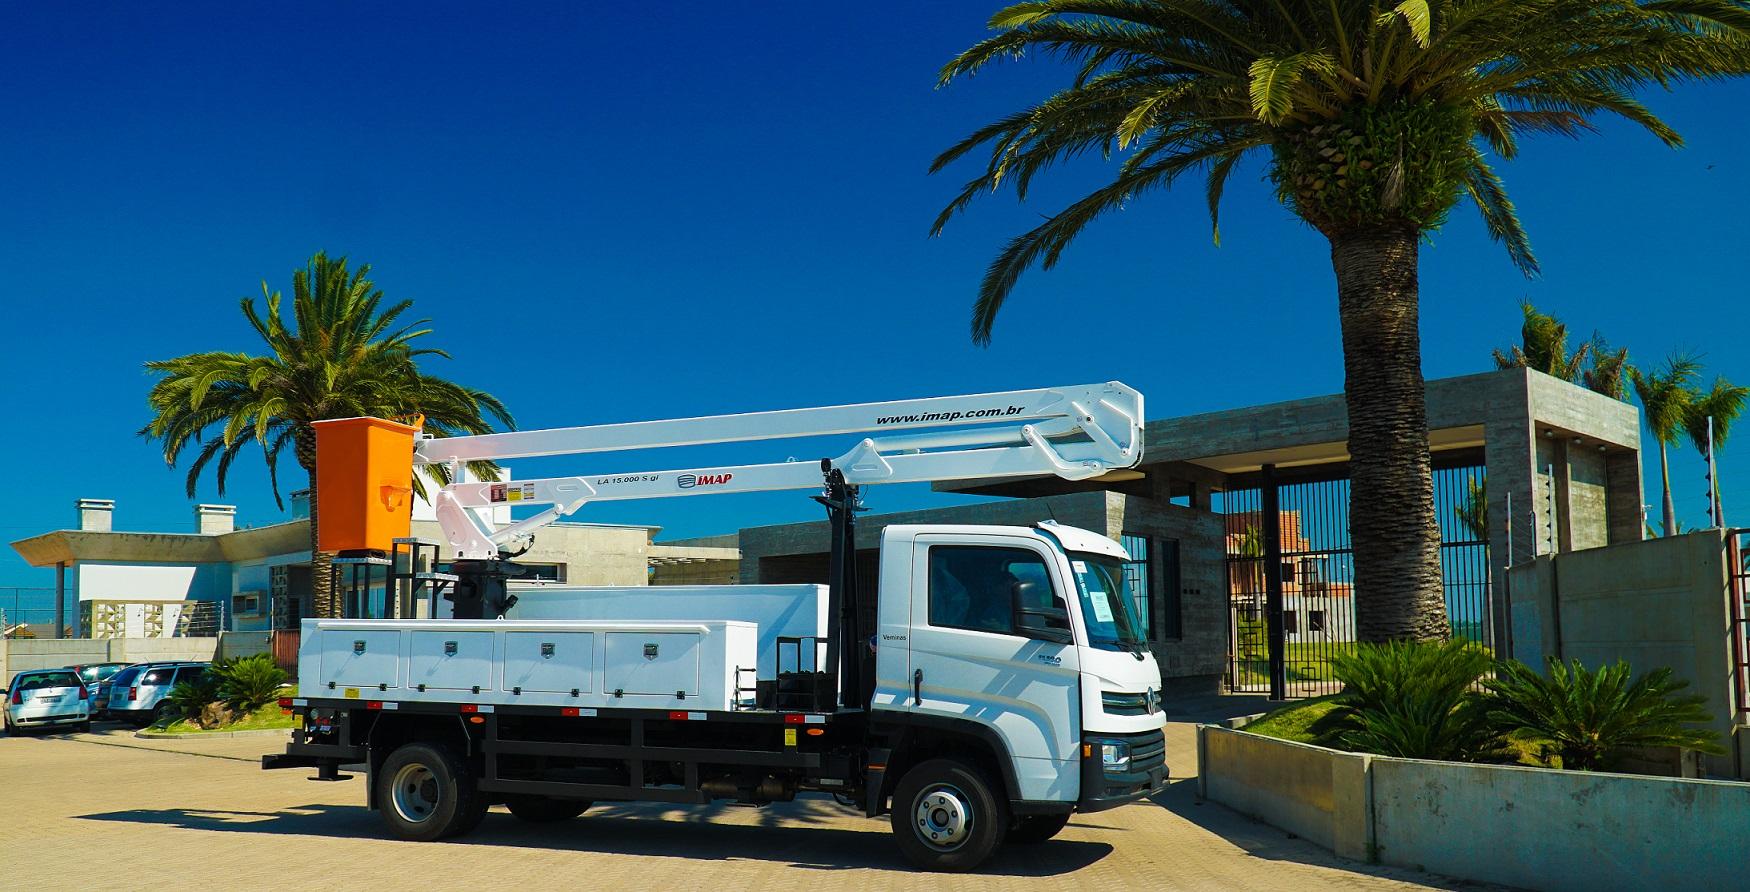 IMAP fotos em solo LA 15000 SGI 2 - Inovação no trabalho em altura: conheça a Cesta Aérea LA 15.000 SGI